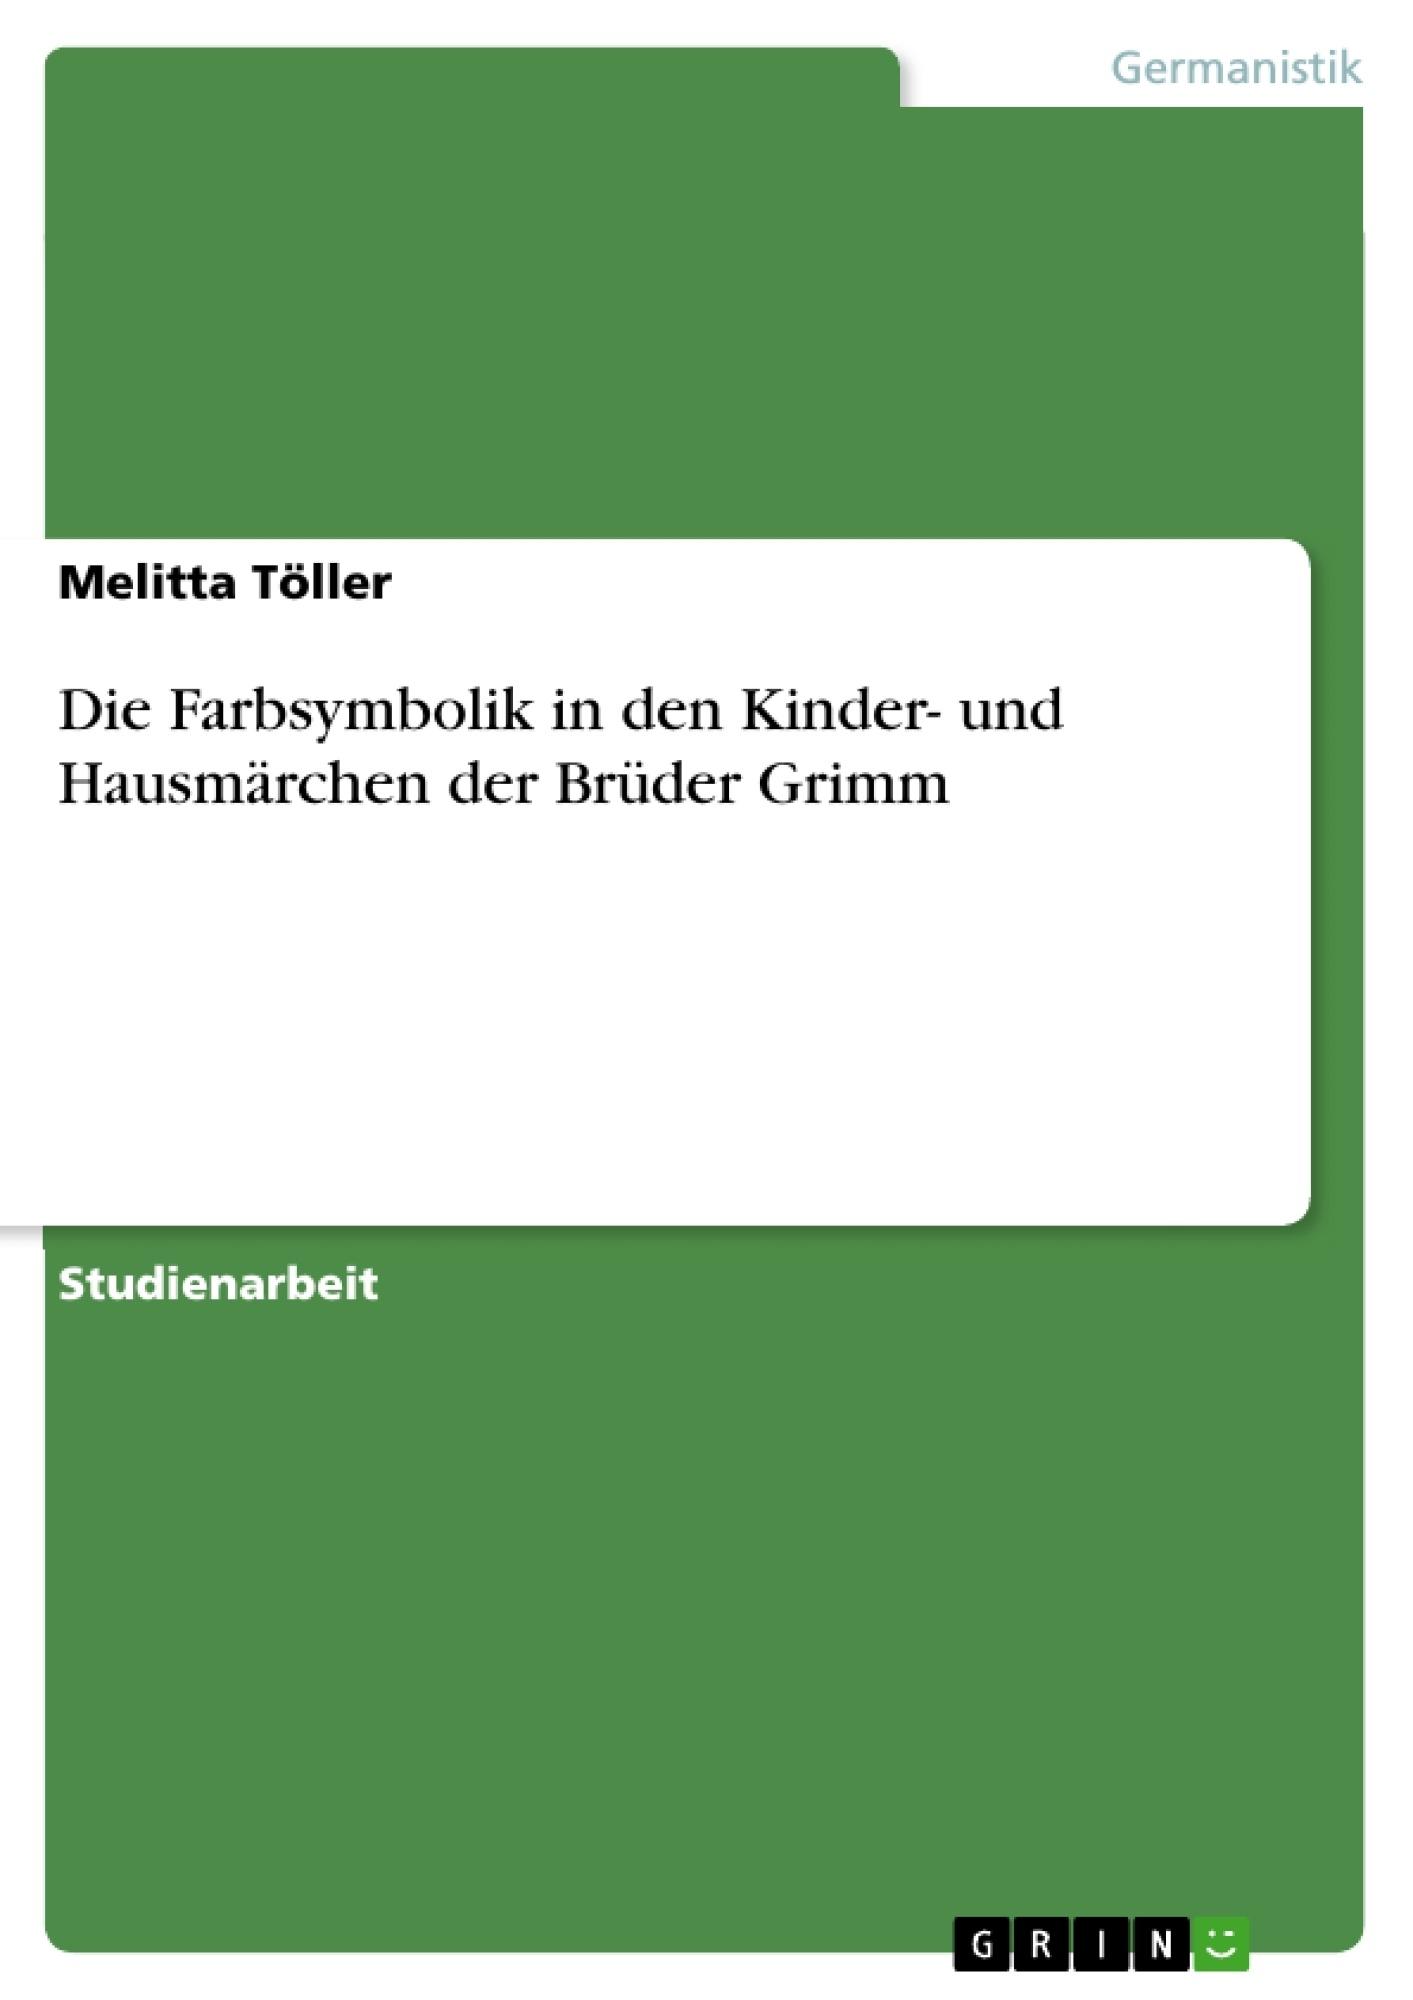 Titel: Die Farbsymbolik in den Kinder- und Hausmärchen der Brüder Grimm